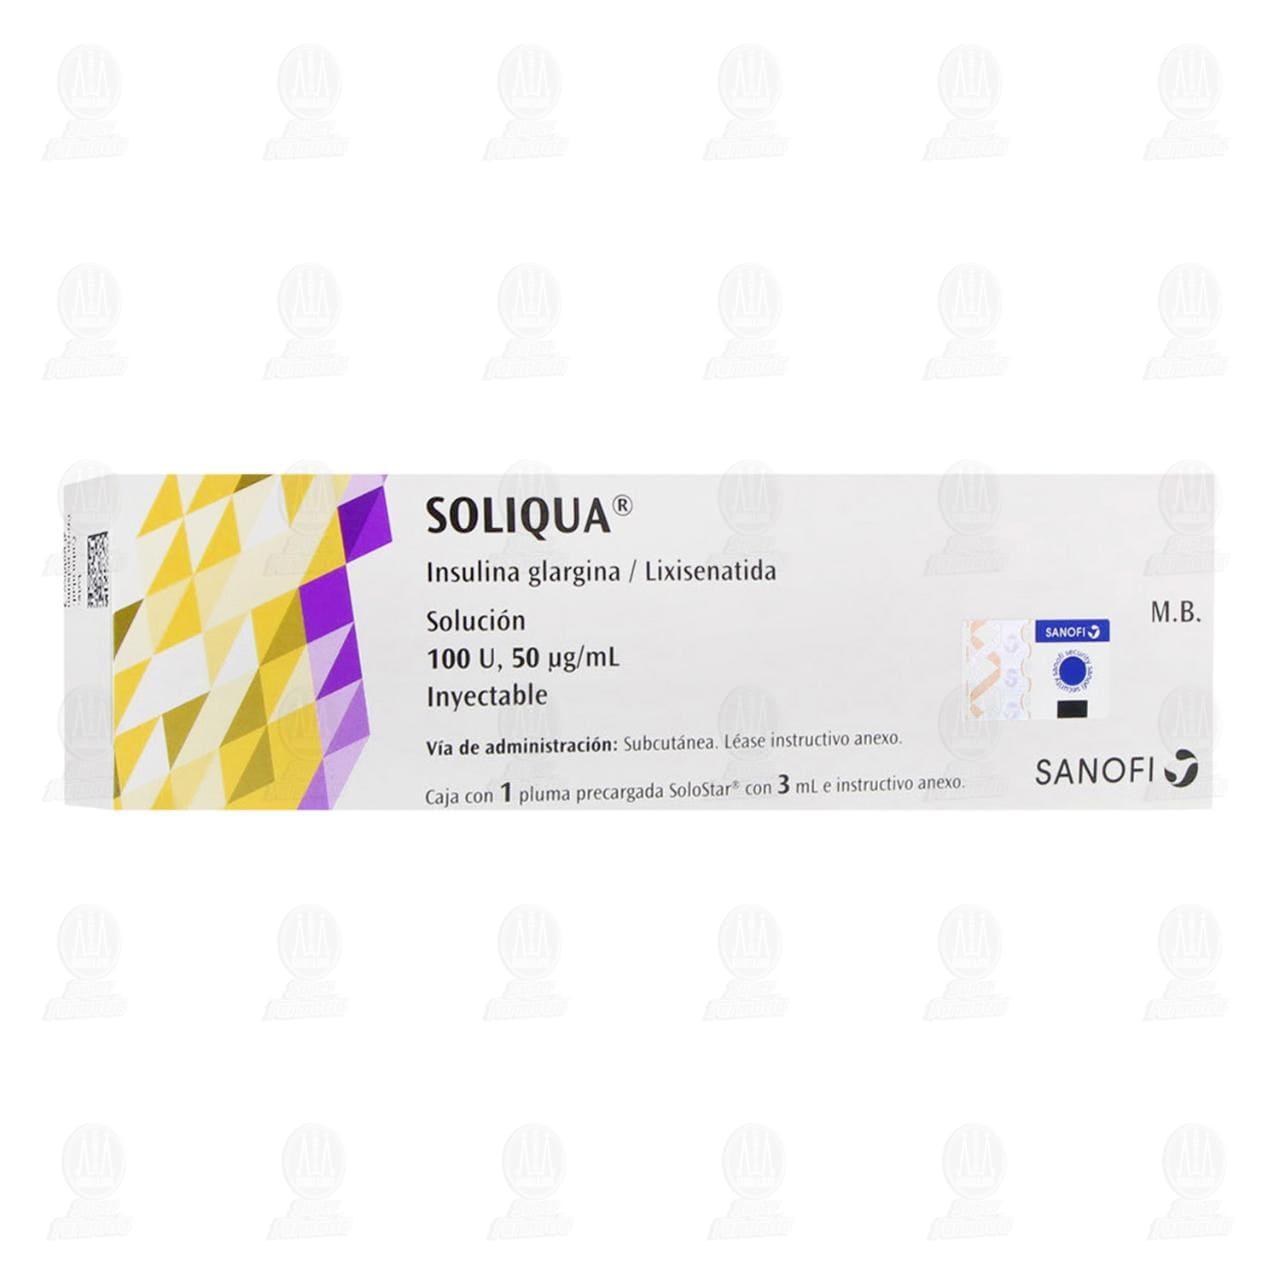 Comprar Soliqua 100U,50mcg/ml Solución 1 Pluma Precargada 3ml en Farmacias Guadalajara